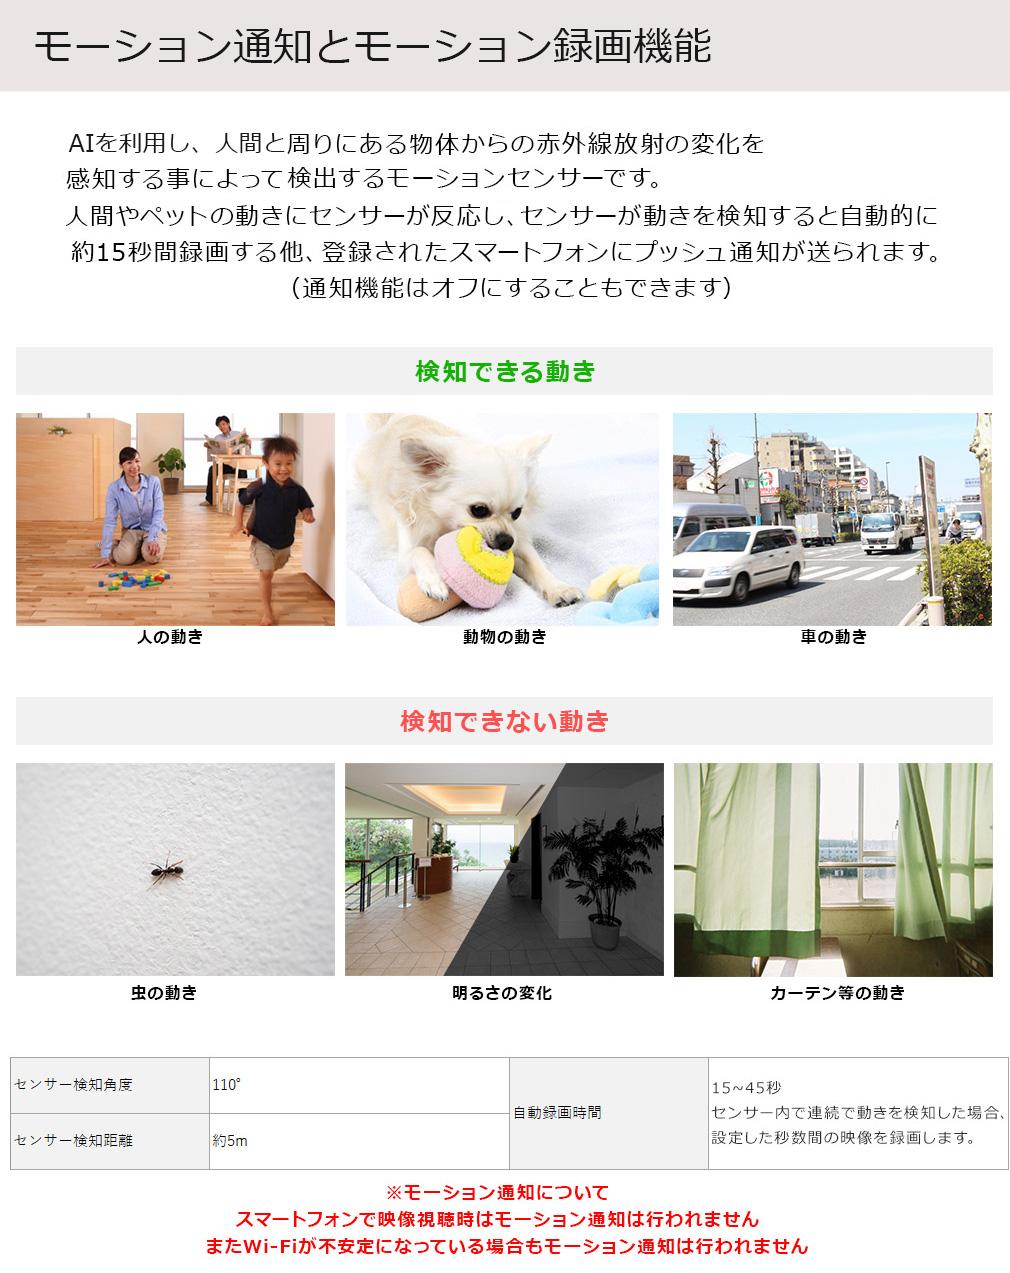 WTW-昇太郎 防犯カメラ